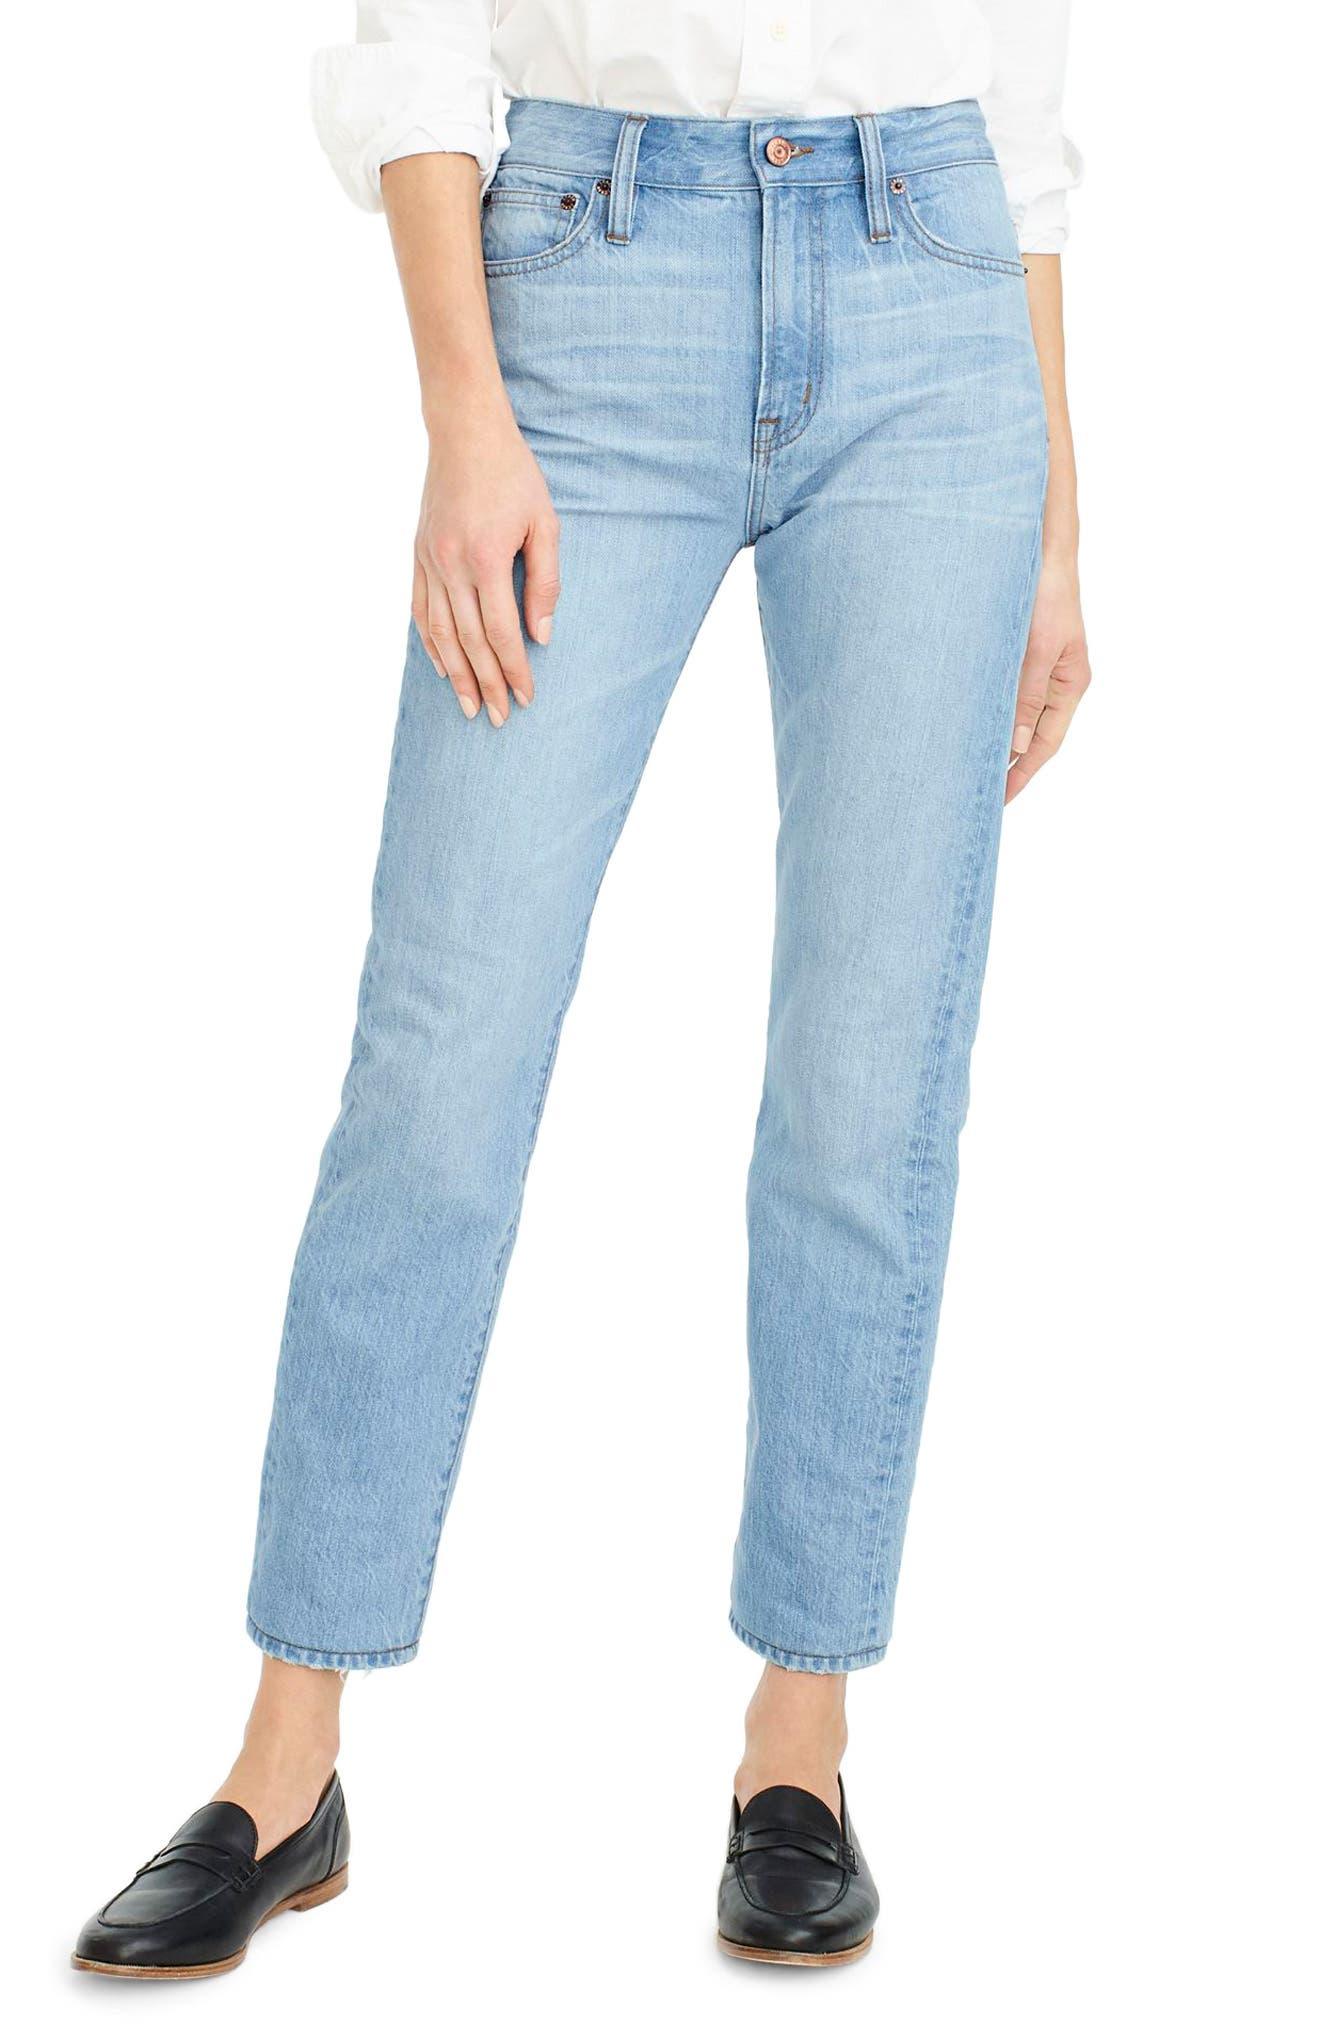 Retro Big Idea Jeans,                         Main,                         color, Fern Wash